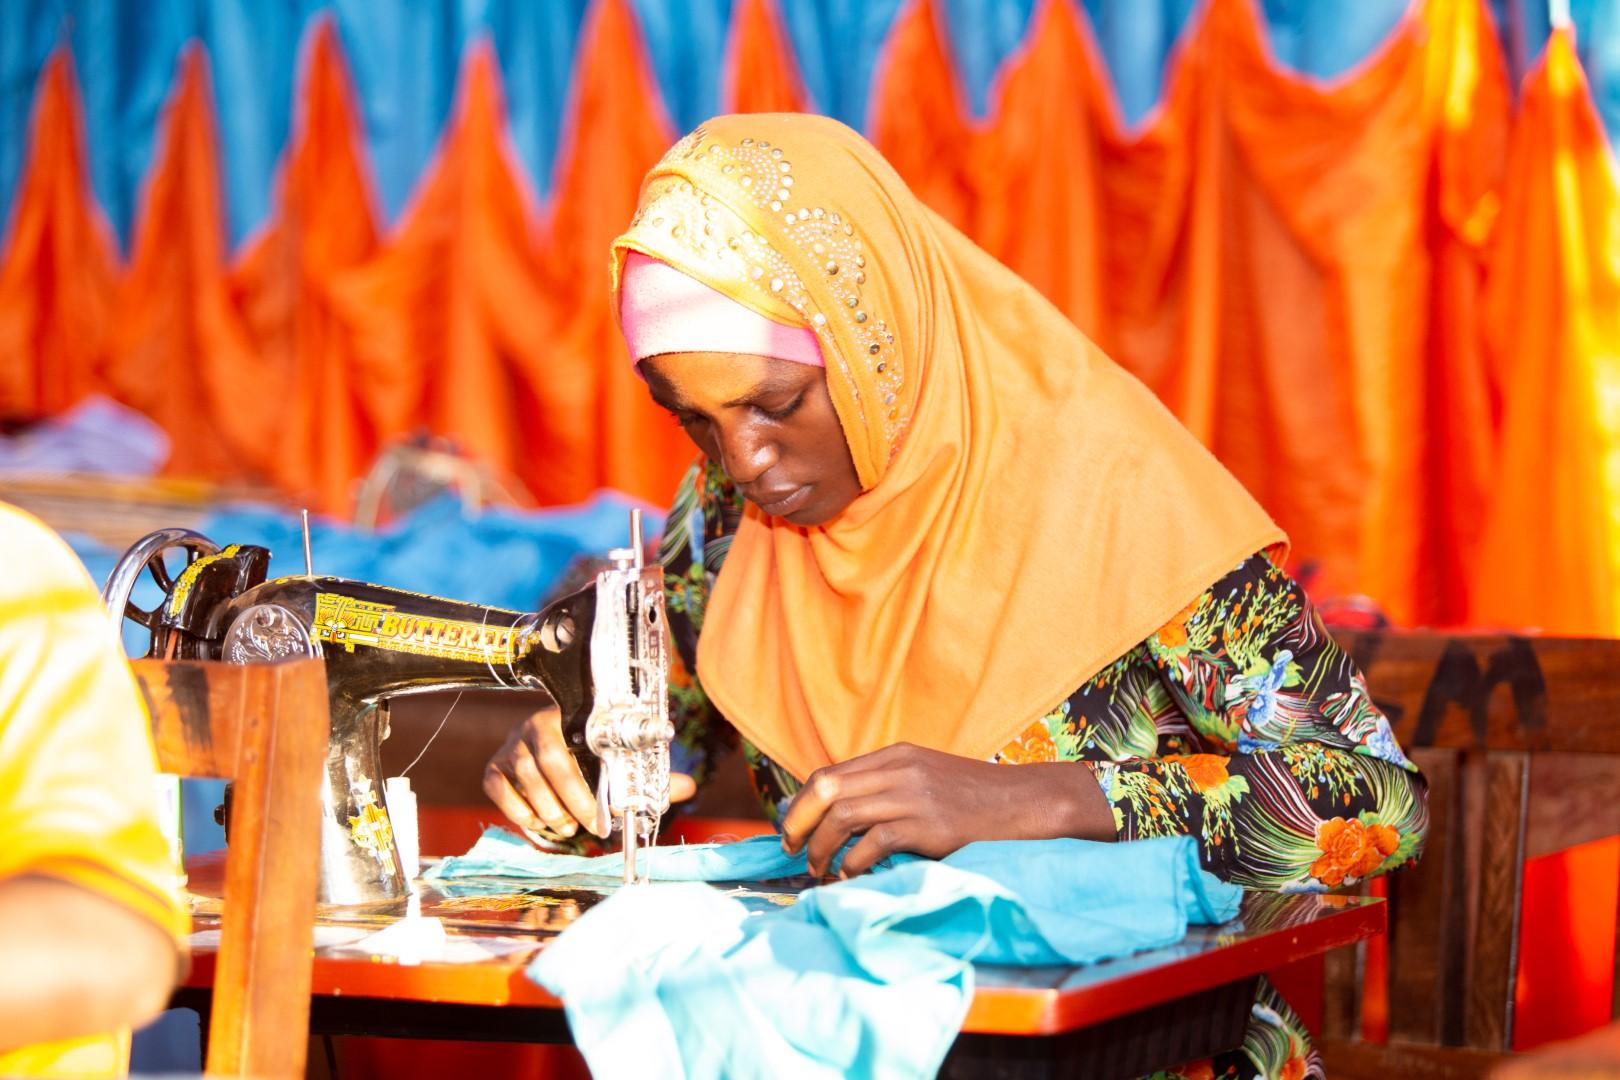 COVID-19's Economic Impacts on Women in Tanzania